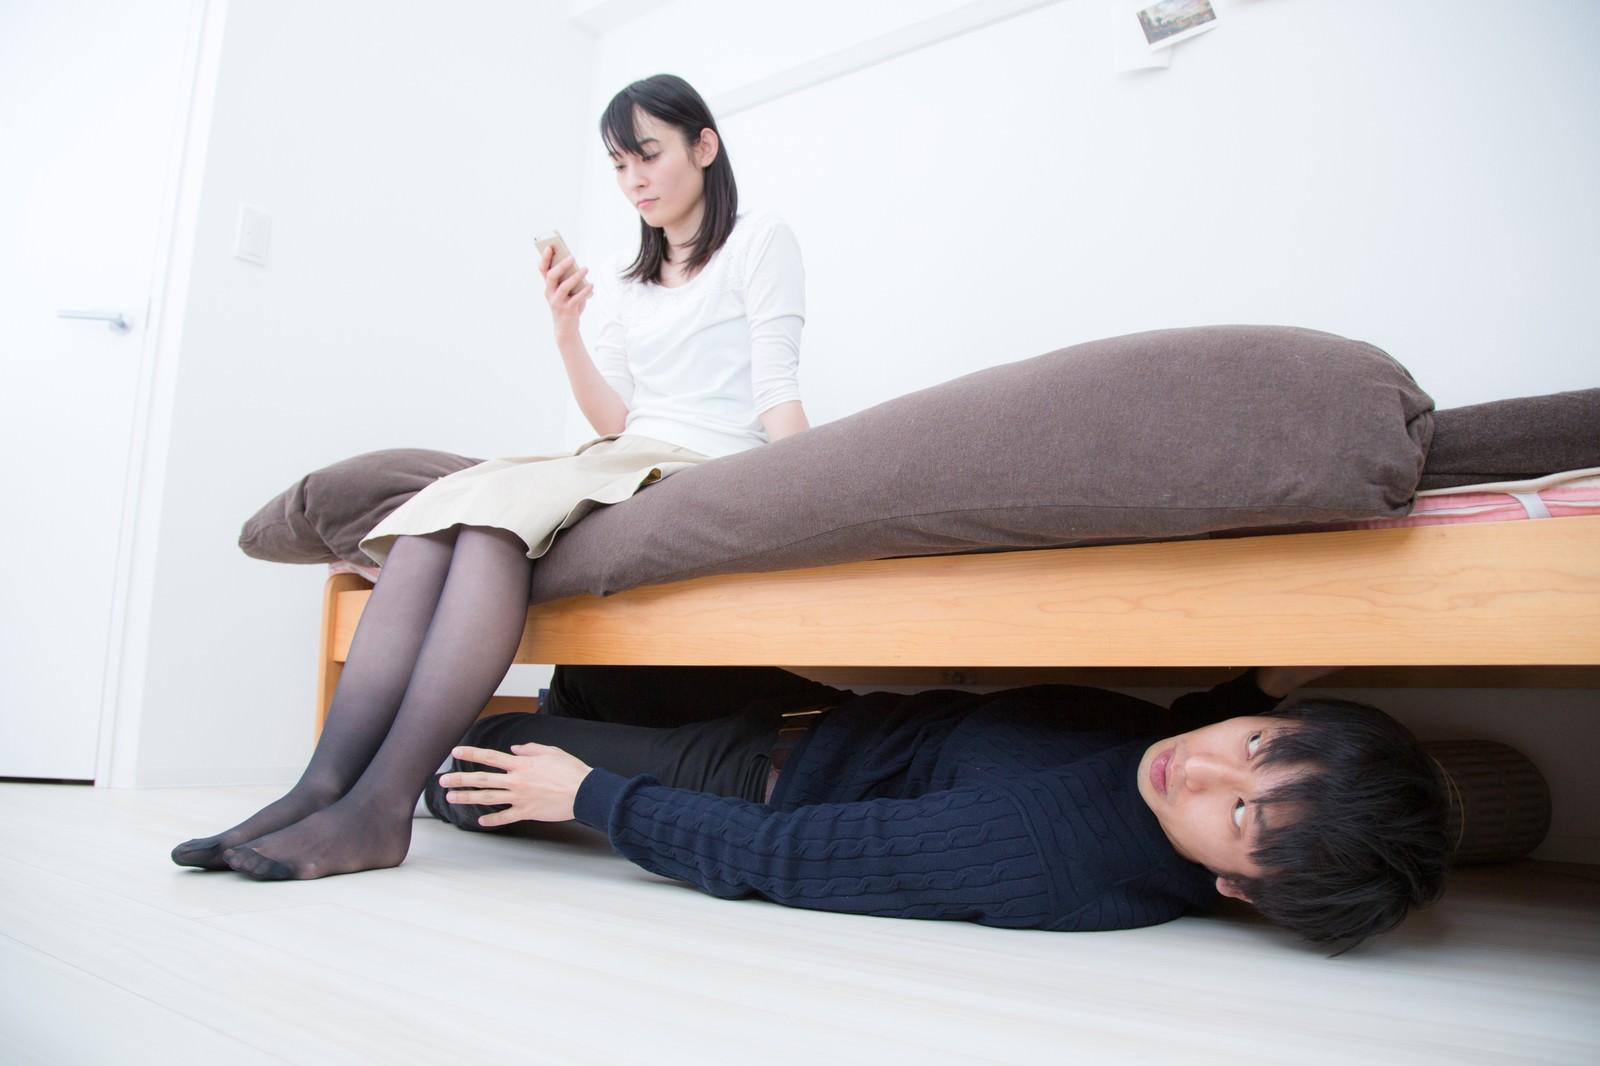 「ベッドの下に潜む恐怖」の写真[モデル:たけべともこ 大川竜弥]